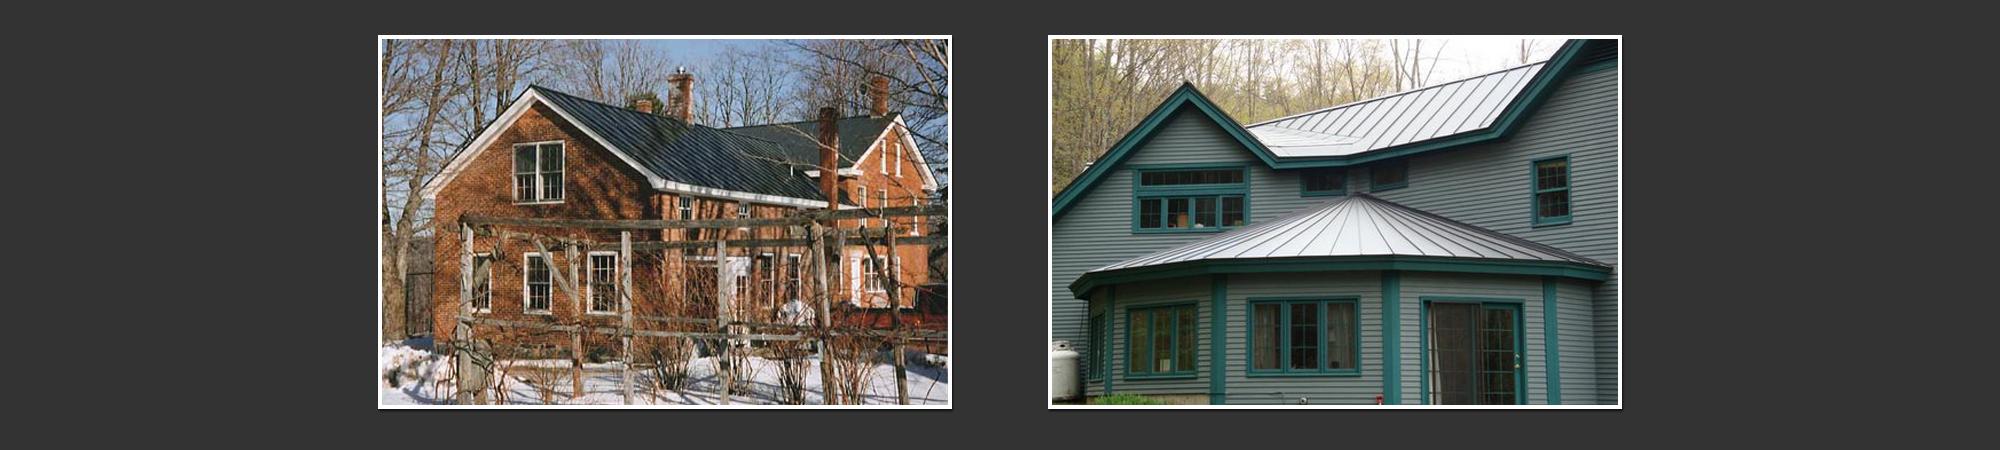 Roofing Contractors Burlington Vt